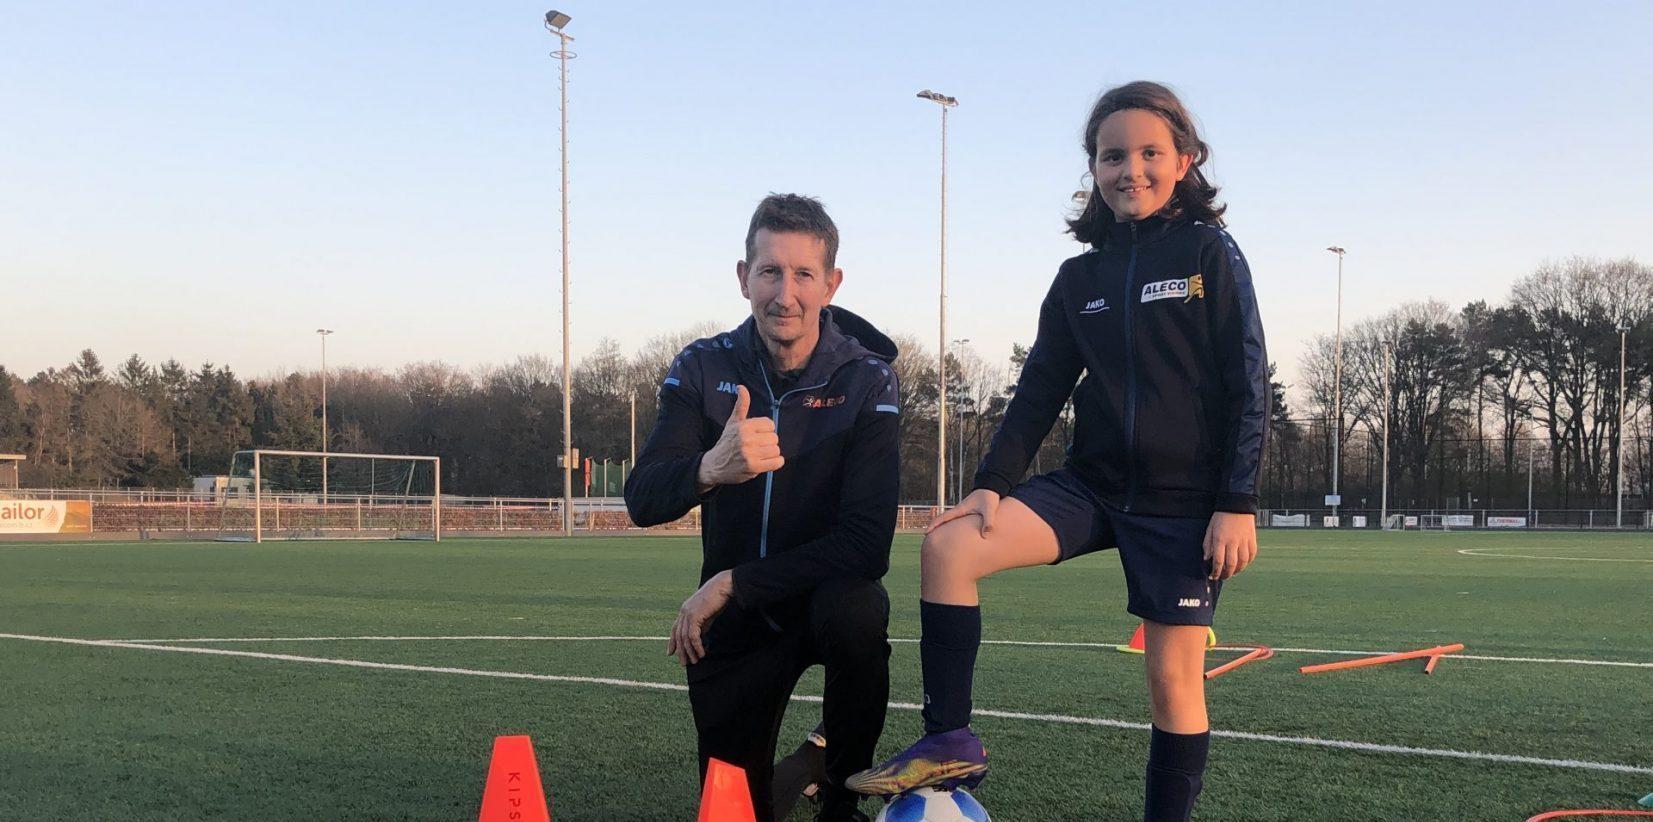 Voetbal in Roosendaal